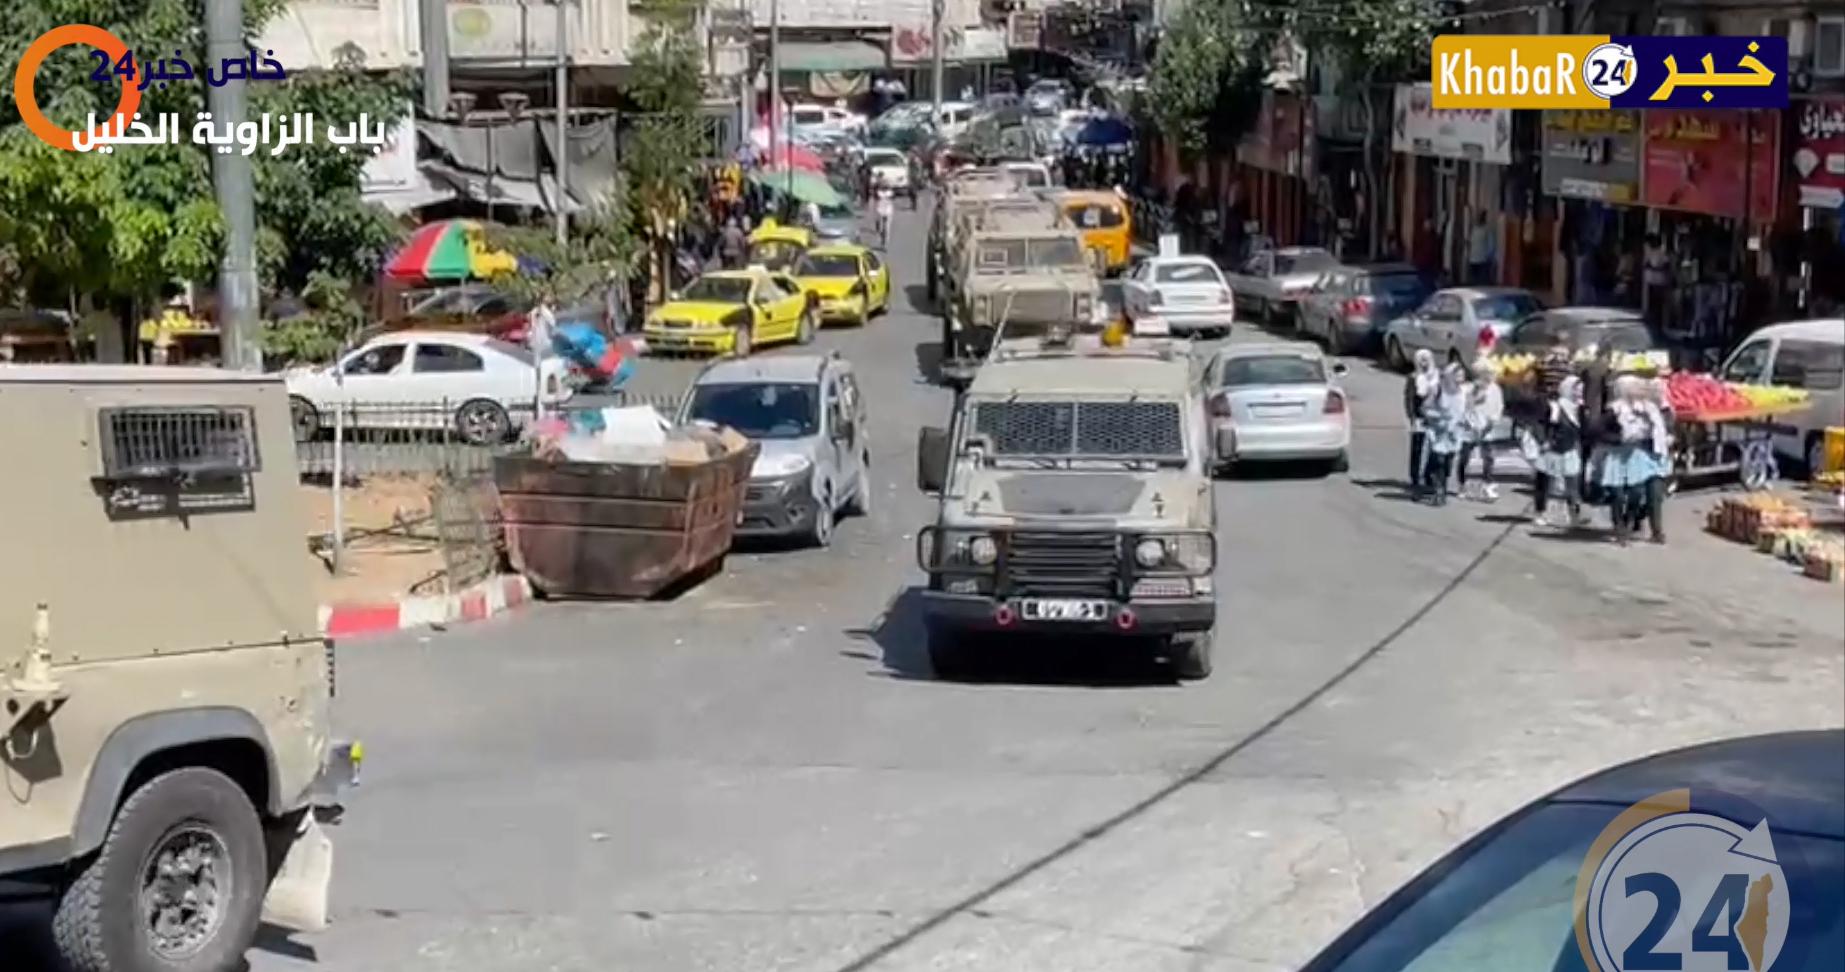 جيش الاحتلال يقتحم باب الزاوية وسط مدينة الخليل تمهيداً لخروج المستوطنين